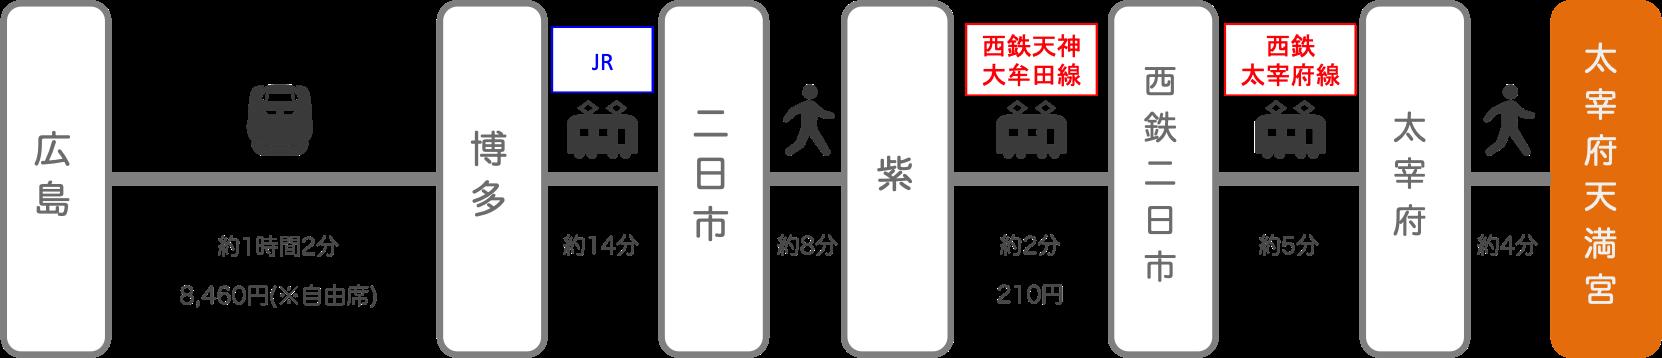 太宰府天満宮_広島_新幹線